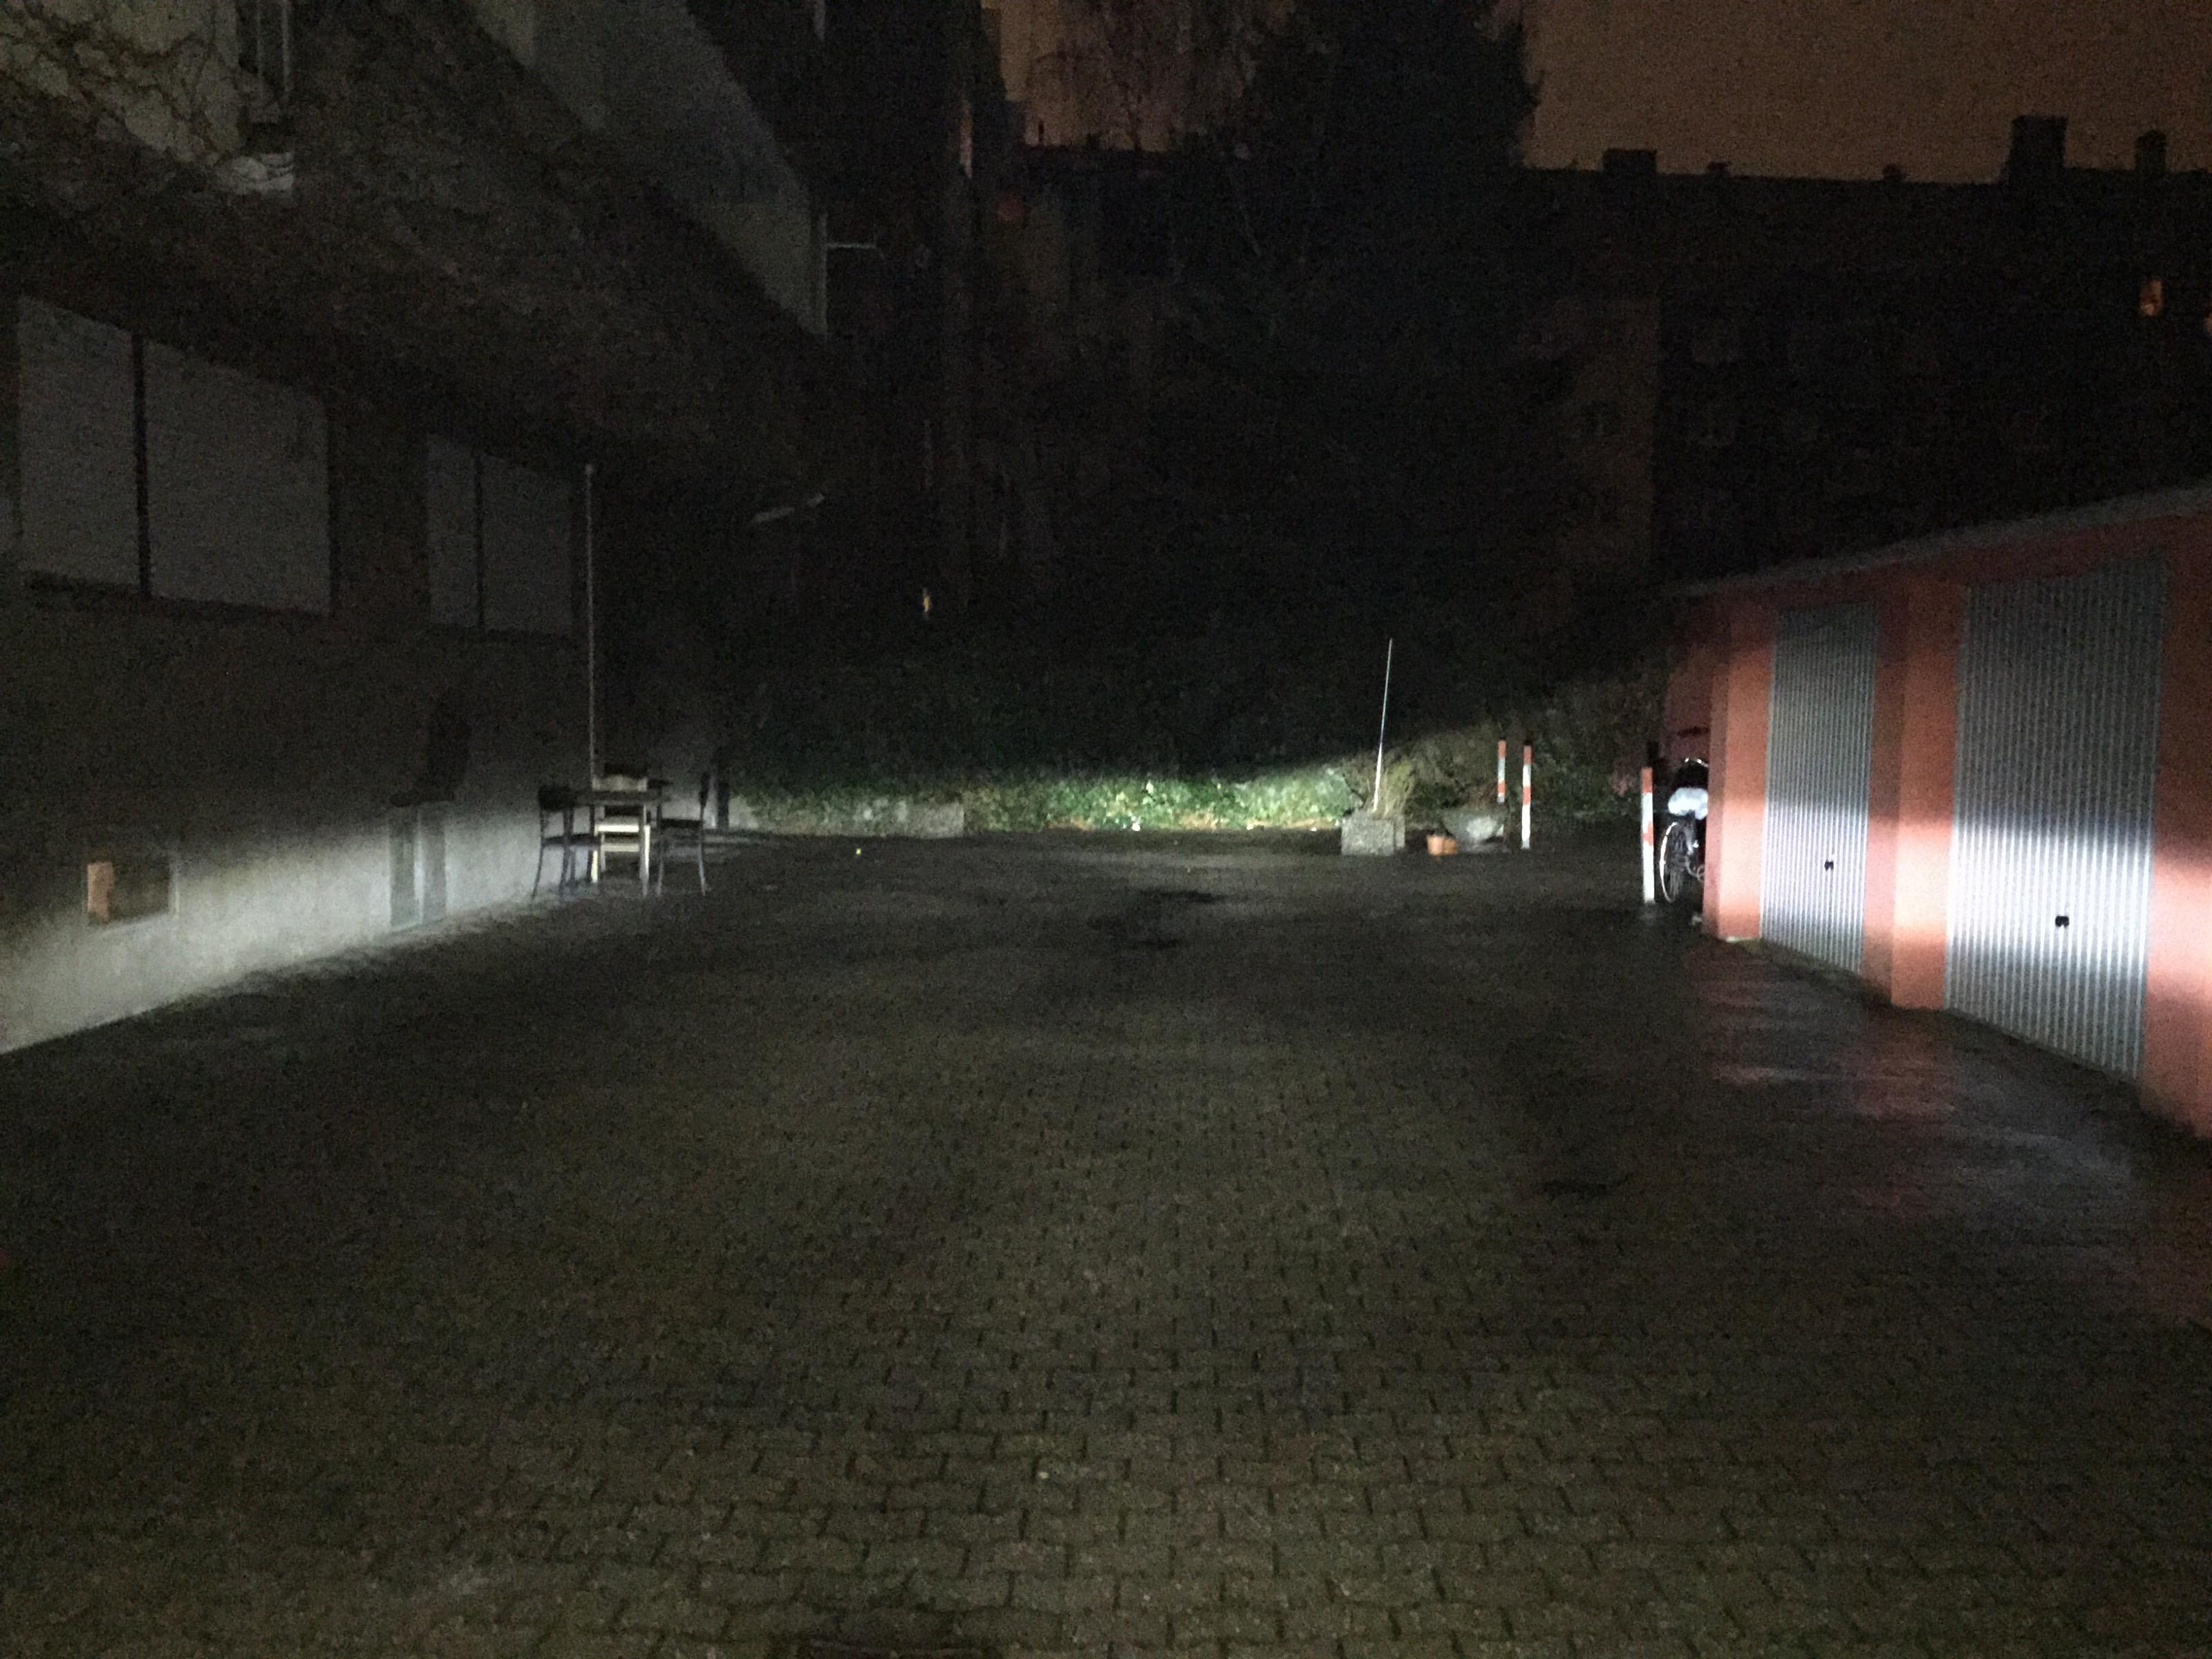 R 1150 GS Adventure Kompletter LED Umbau: Abblendlicht, Fernlicht ...